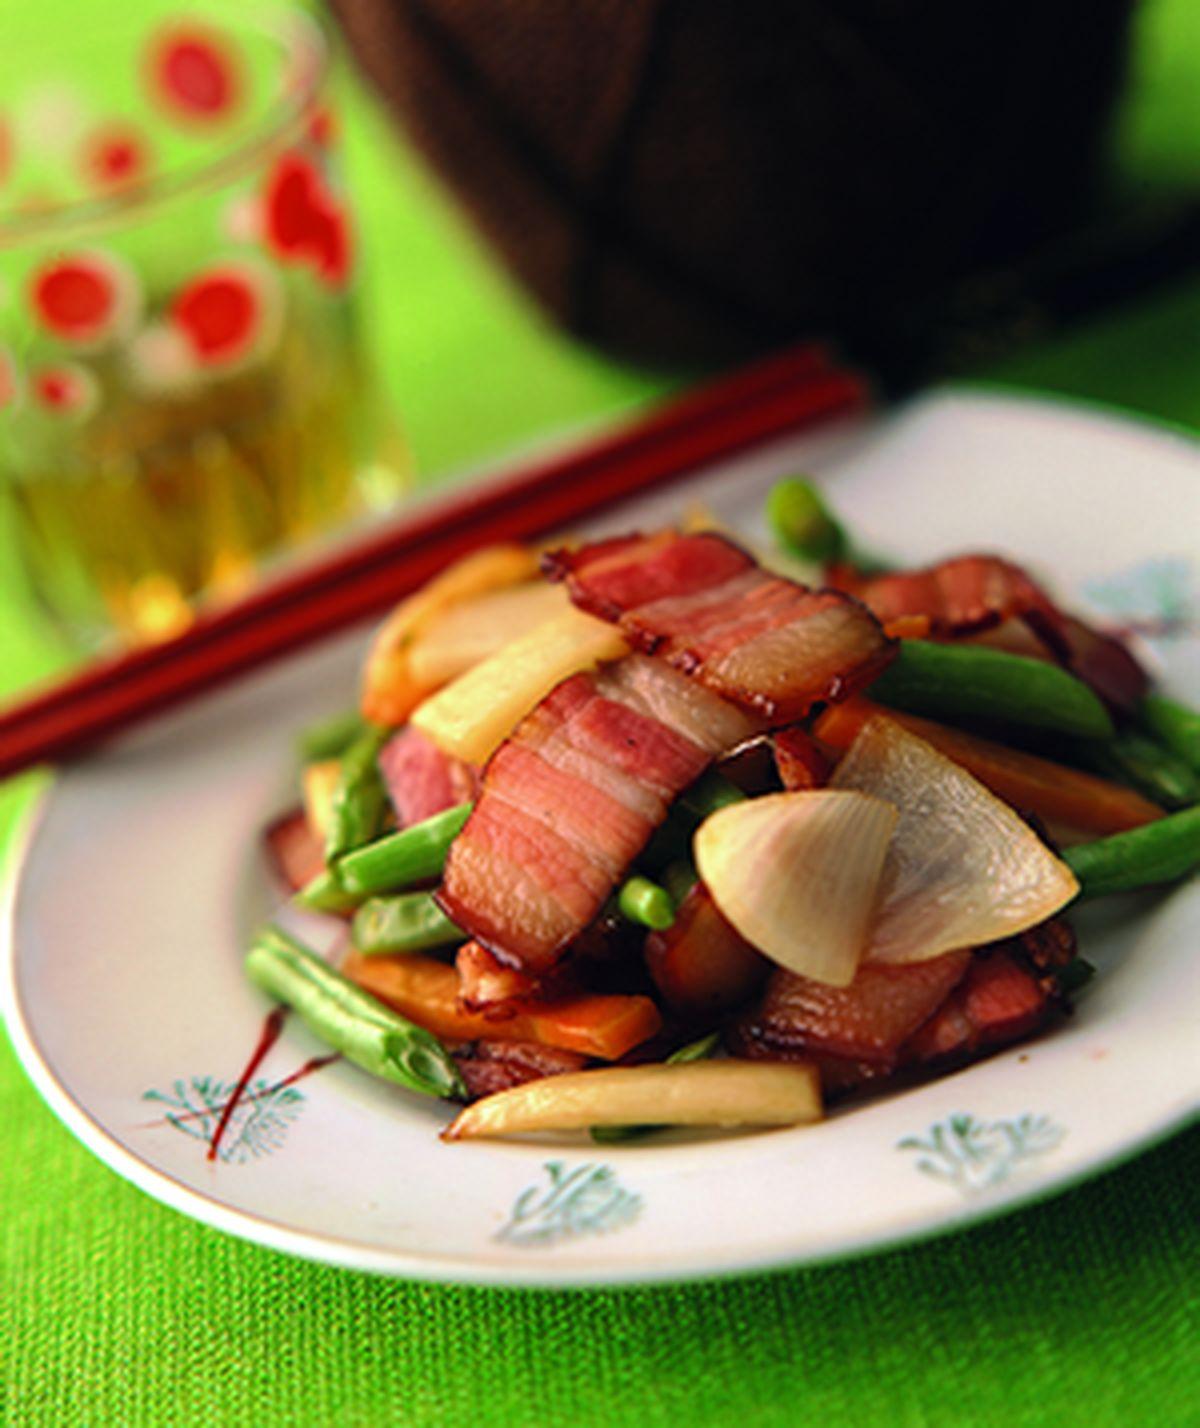 食譜:筍片炒臘肉